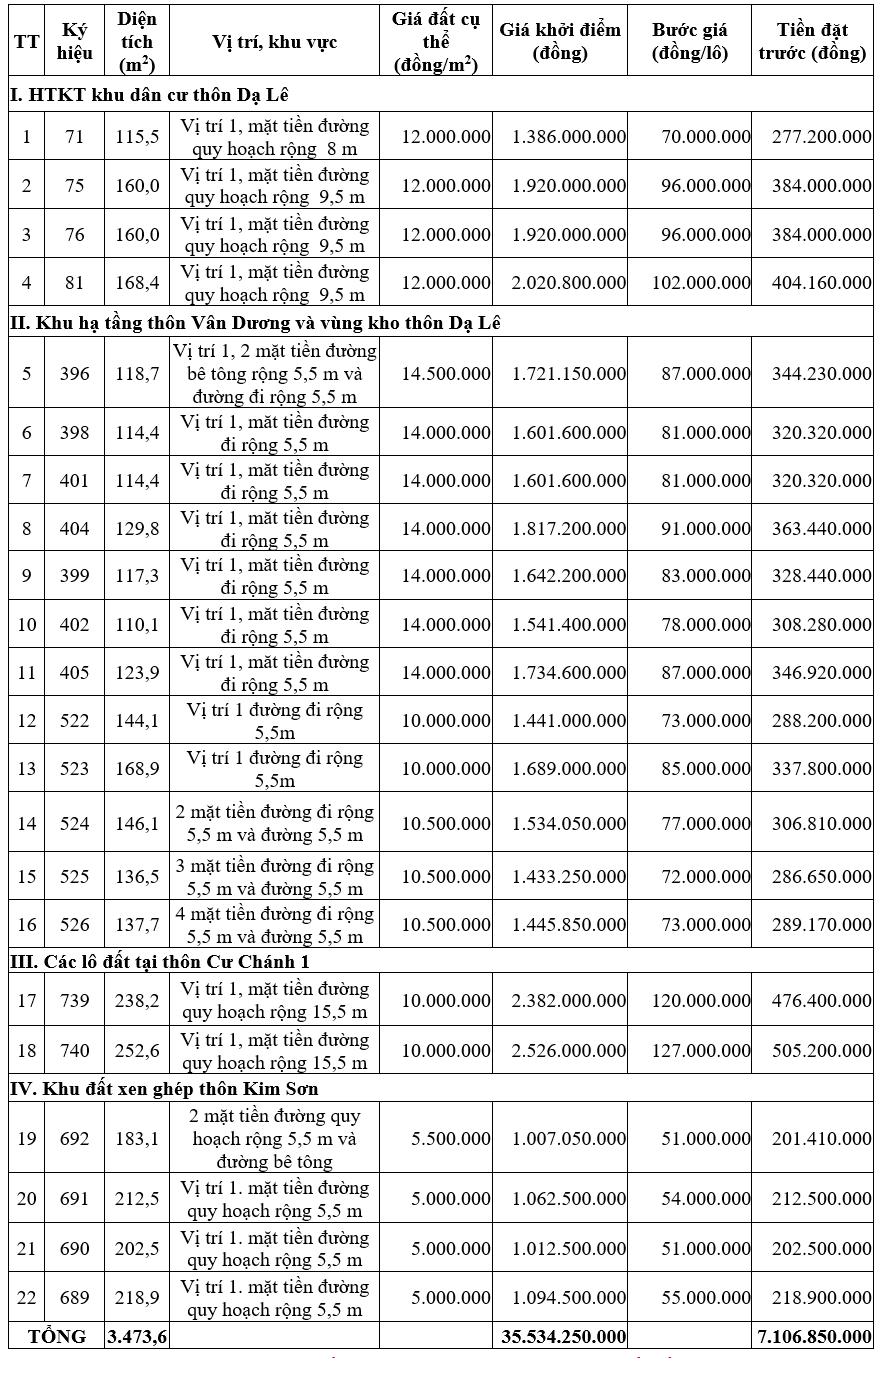 Thừa Thiên Huế đấu giá 22 lô đất tại Hương Thủy,, khởi điểm từ 5 triệu đồng/m2 - Ảnh 1.